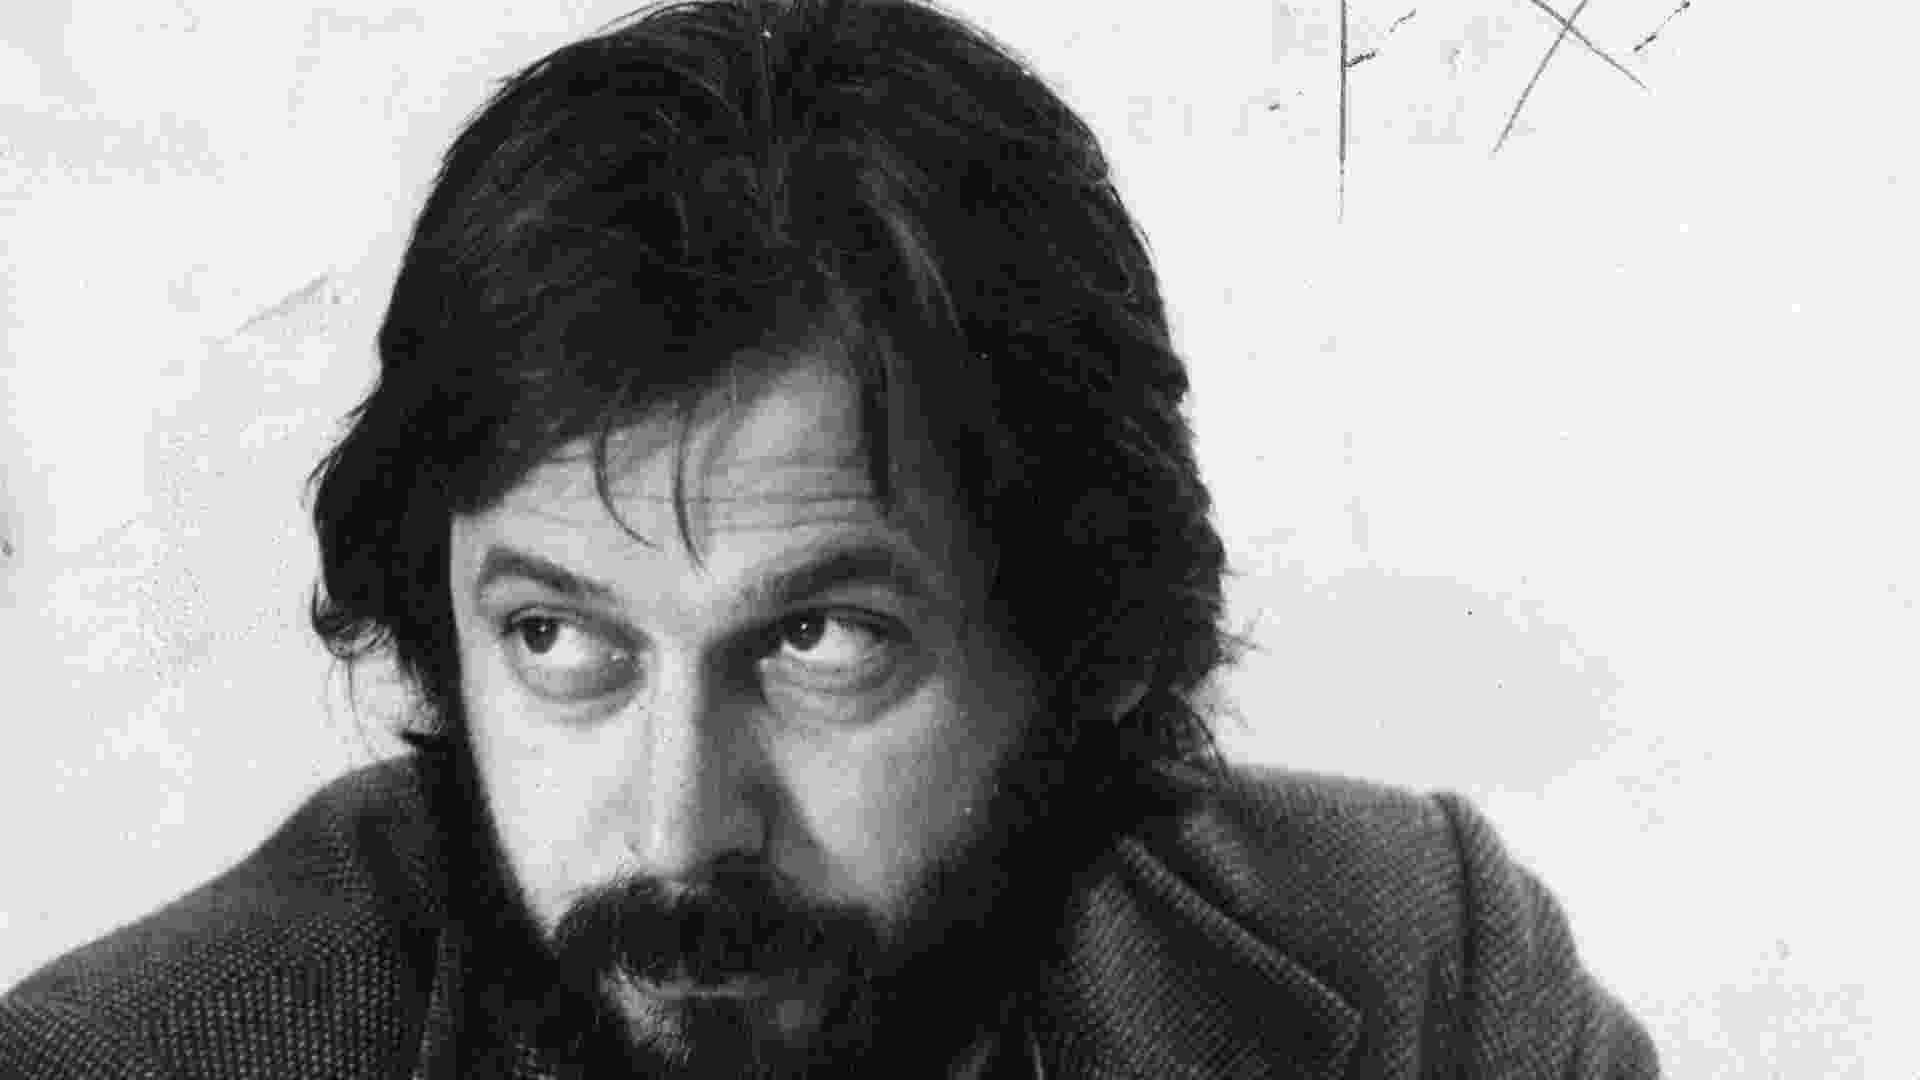 José Dirceu durante encontro do PT em 1982 - R.Silveira - 31.05.1982/Folhapress